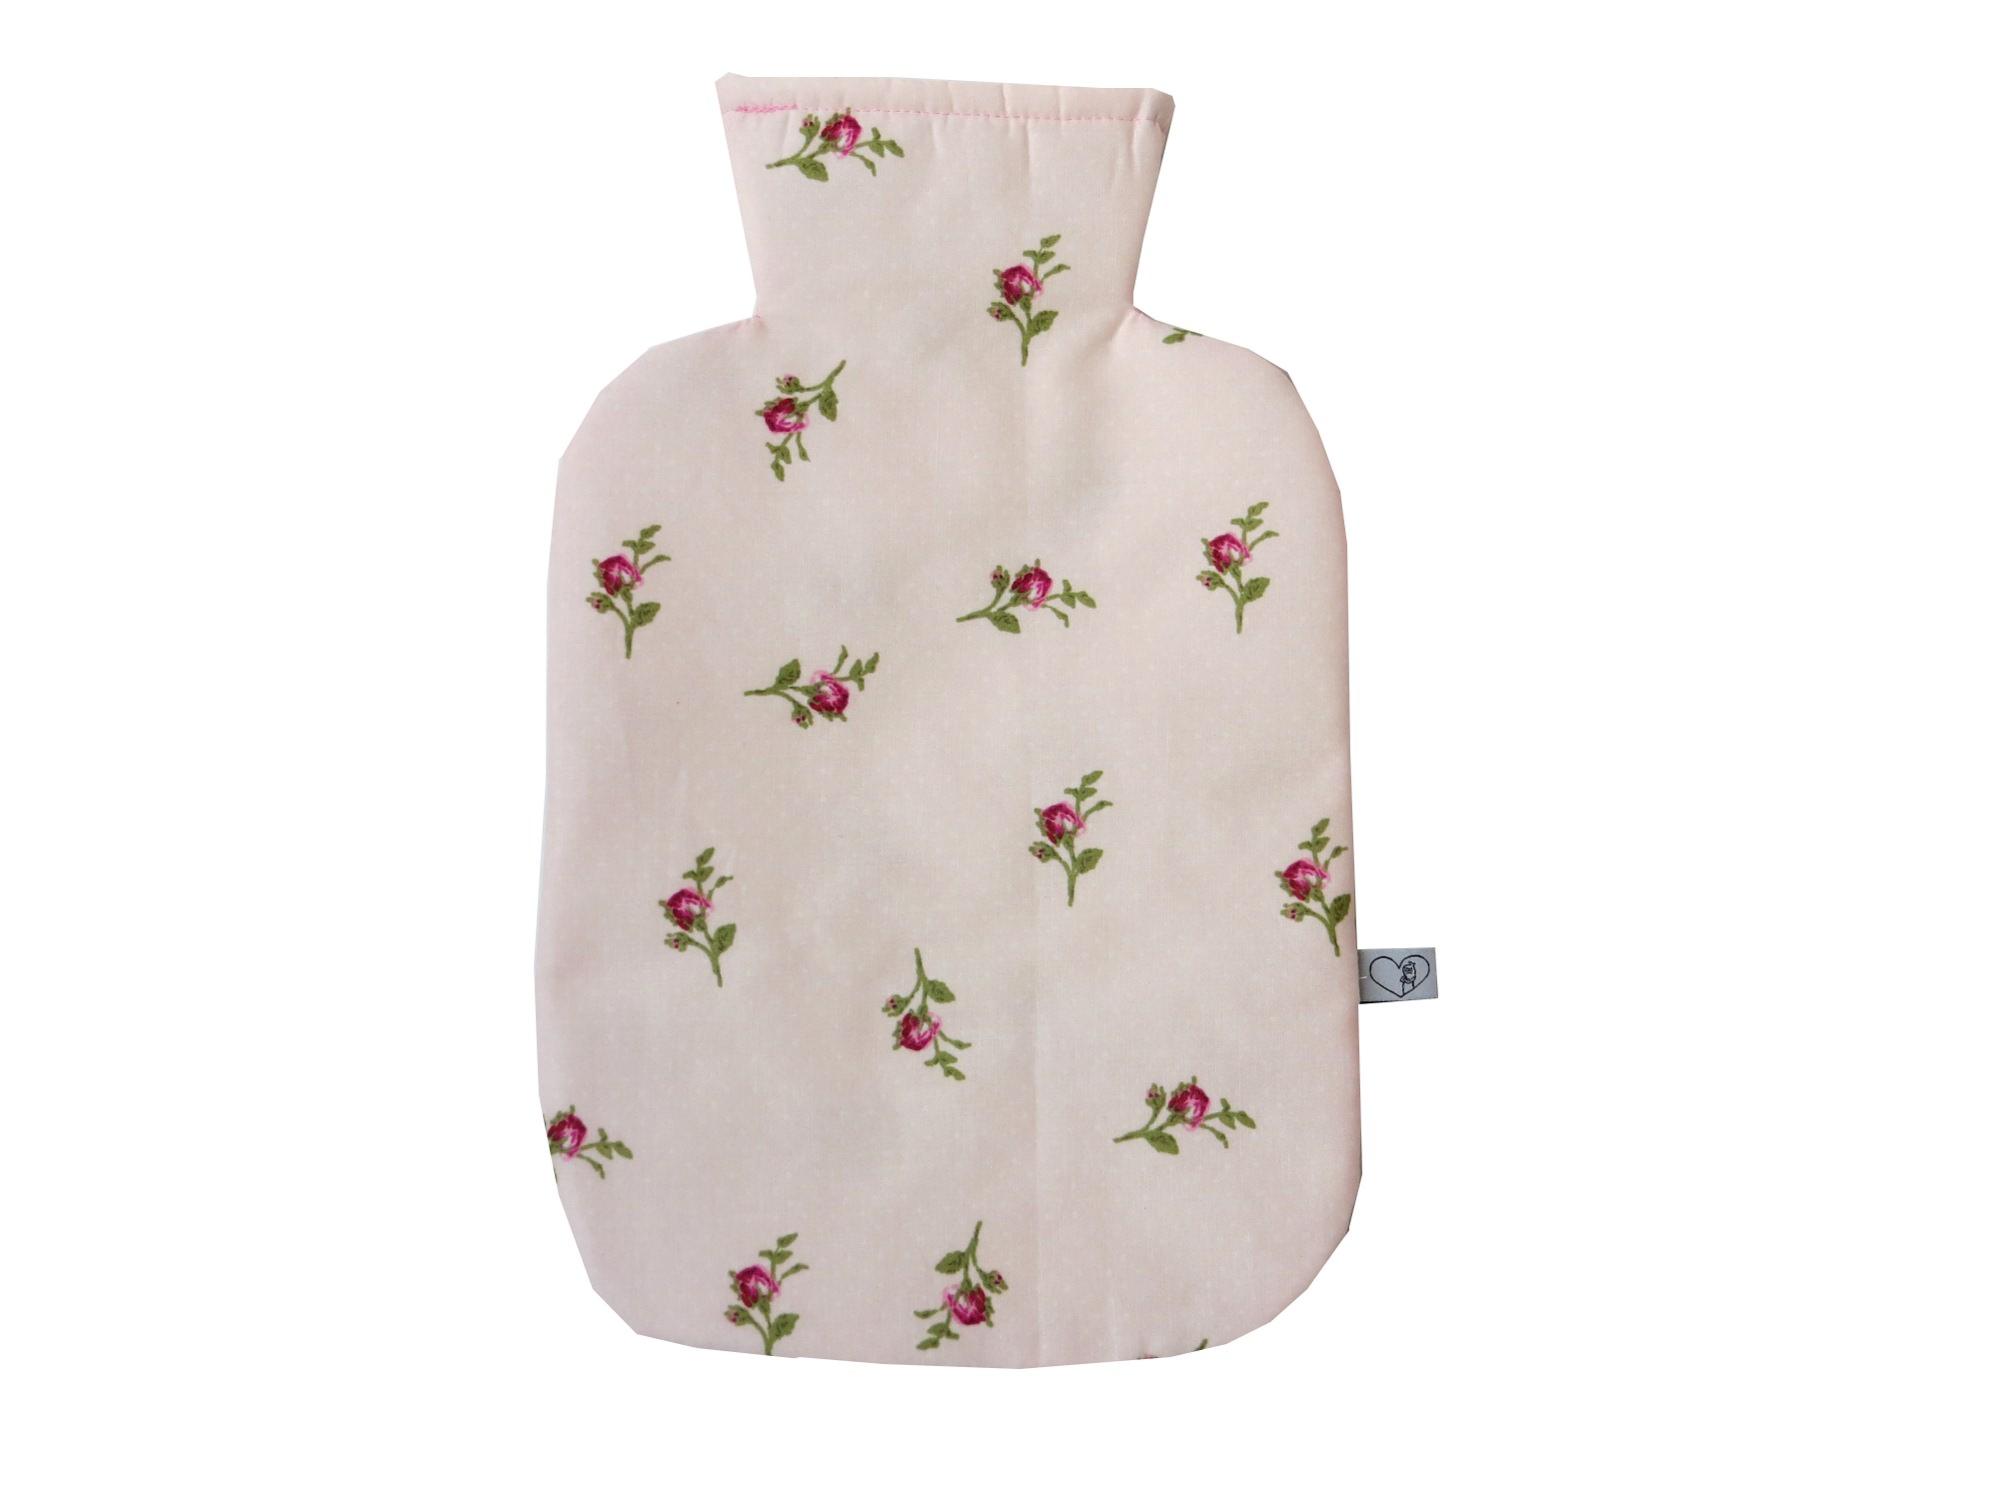 - Wärmflaschenbezug zartrosa mit Rosen für 2l Wärmflasche - Wärmflaschenbezug zartrosa mit Rosen für 2l Wärmflasche